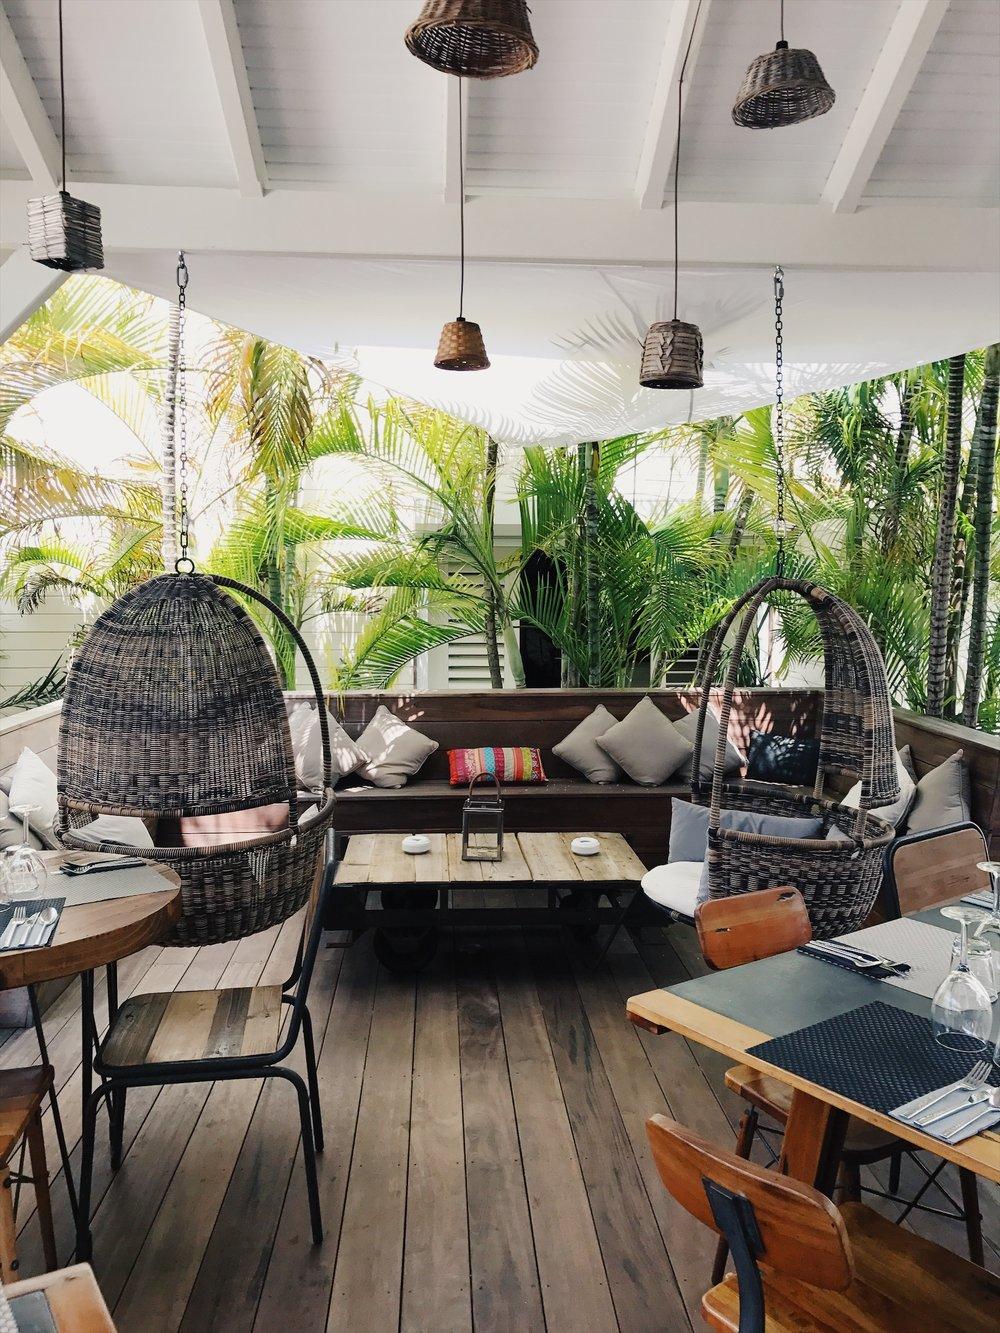 Le Temps des Cerises Hotel | Grand-Case, St Martin